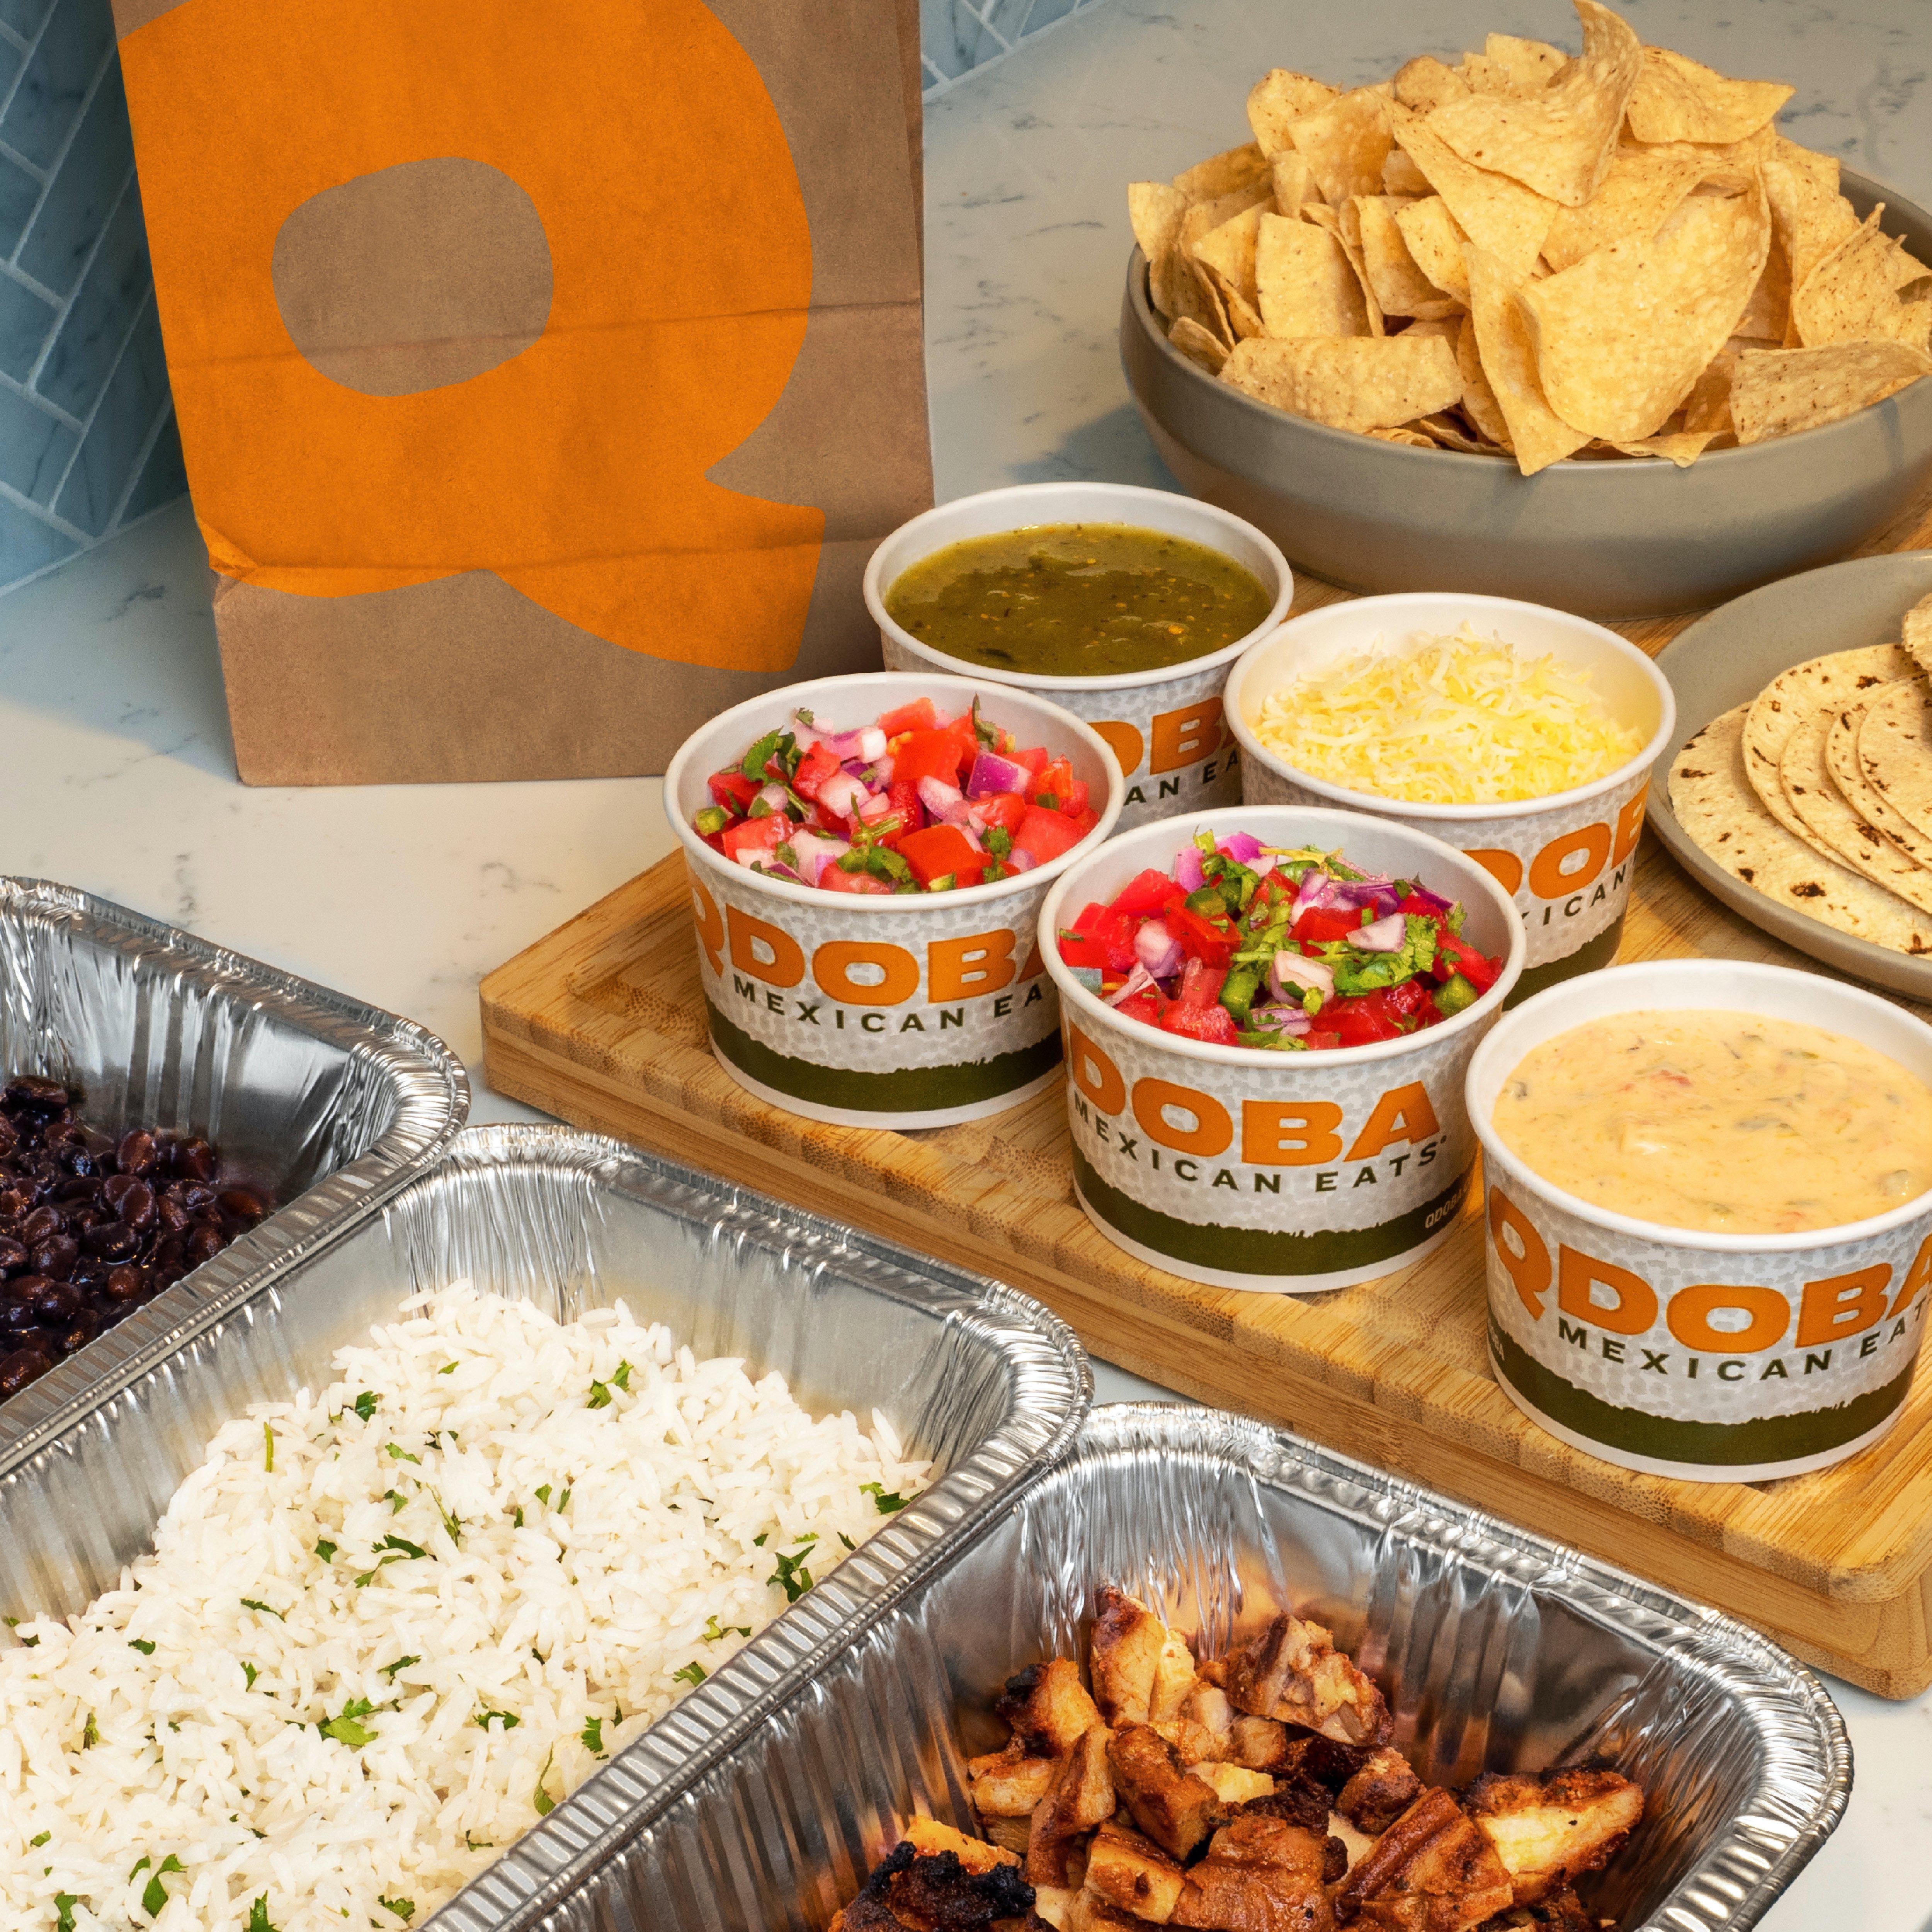 QDOBA Mexican Eats - Closed